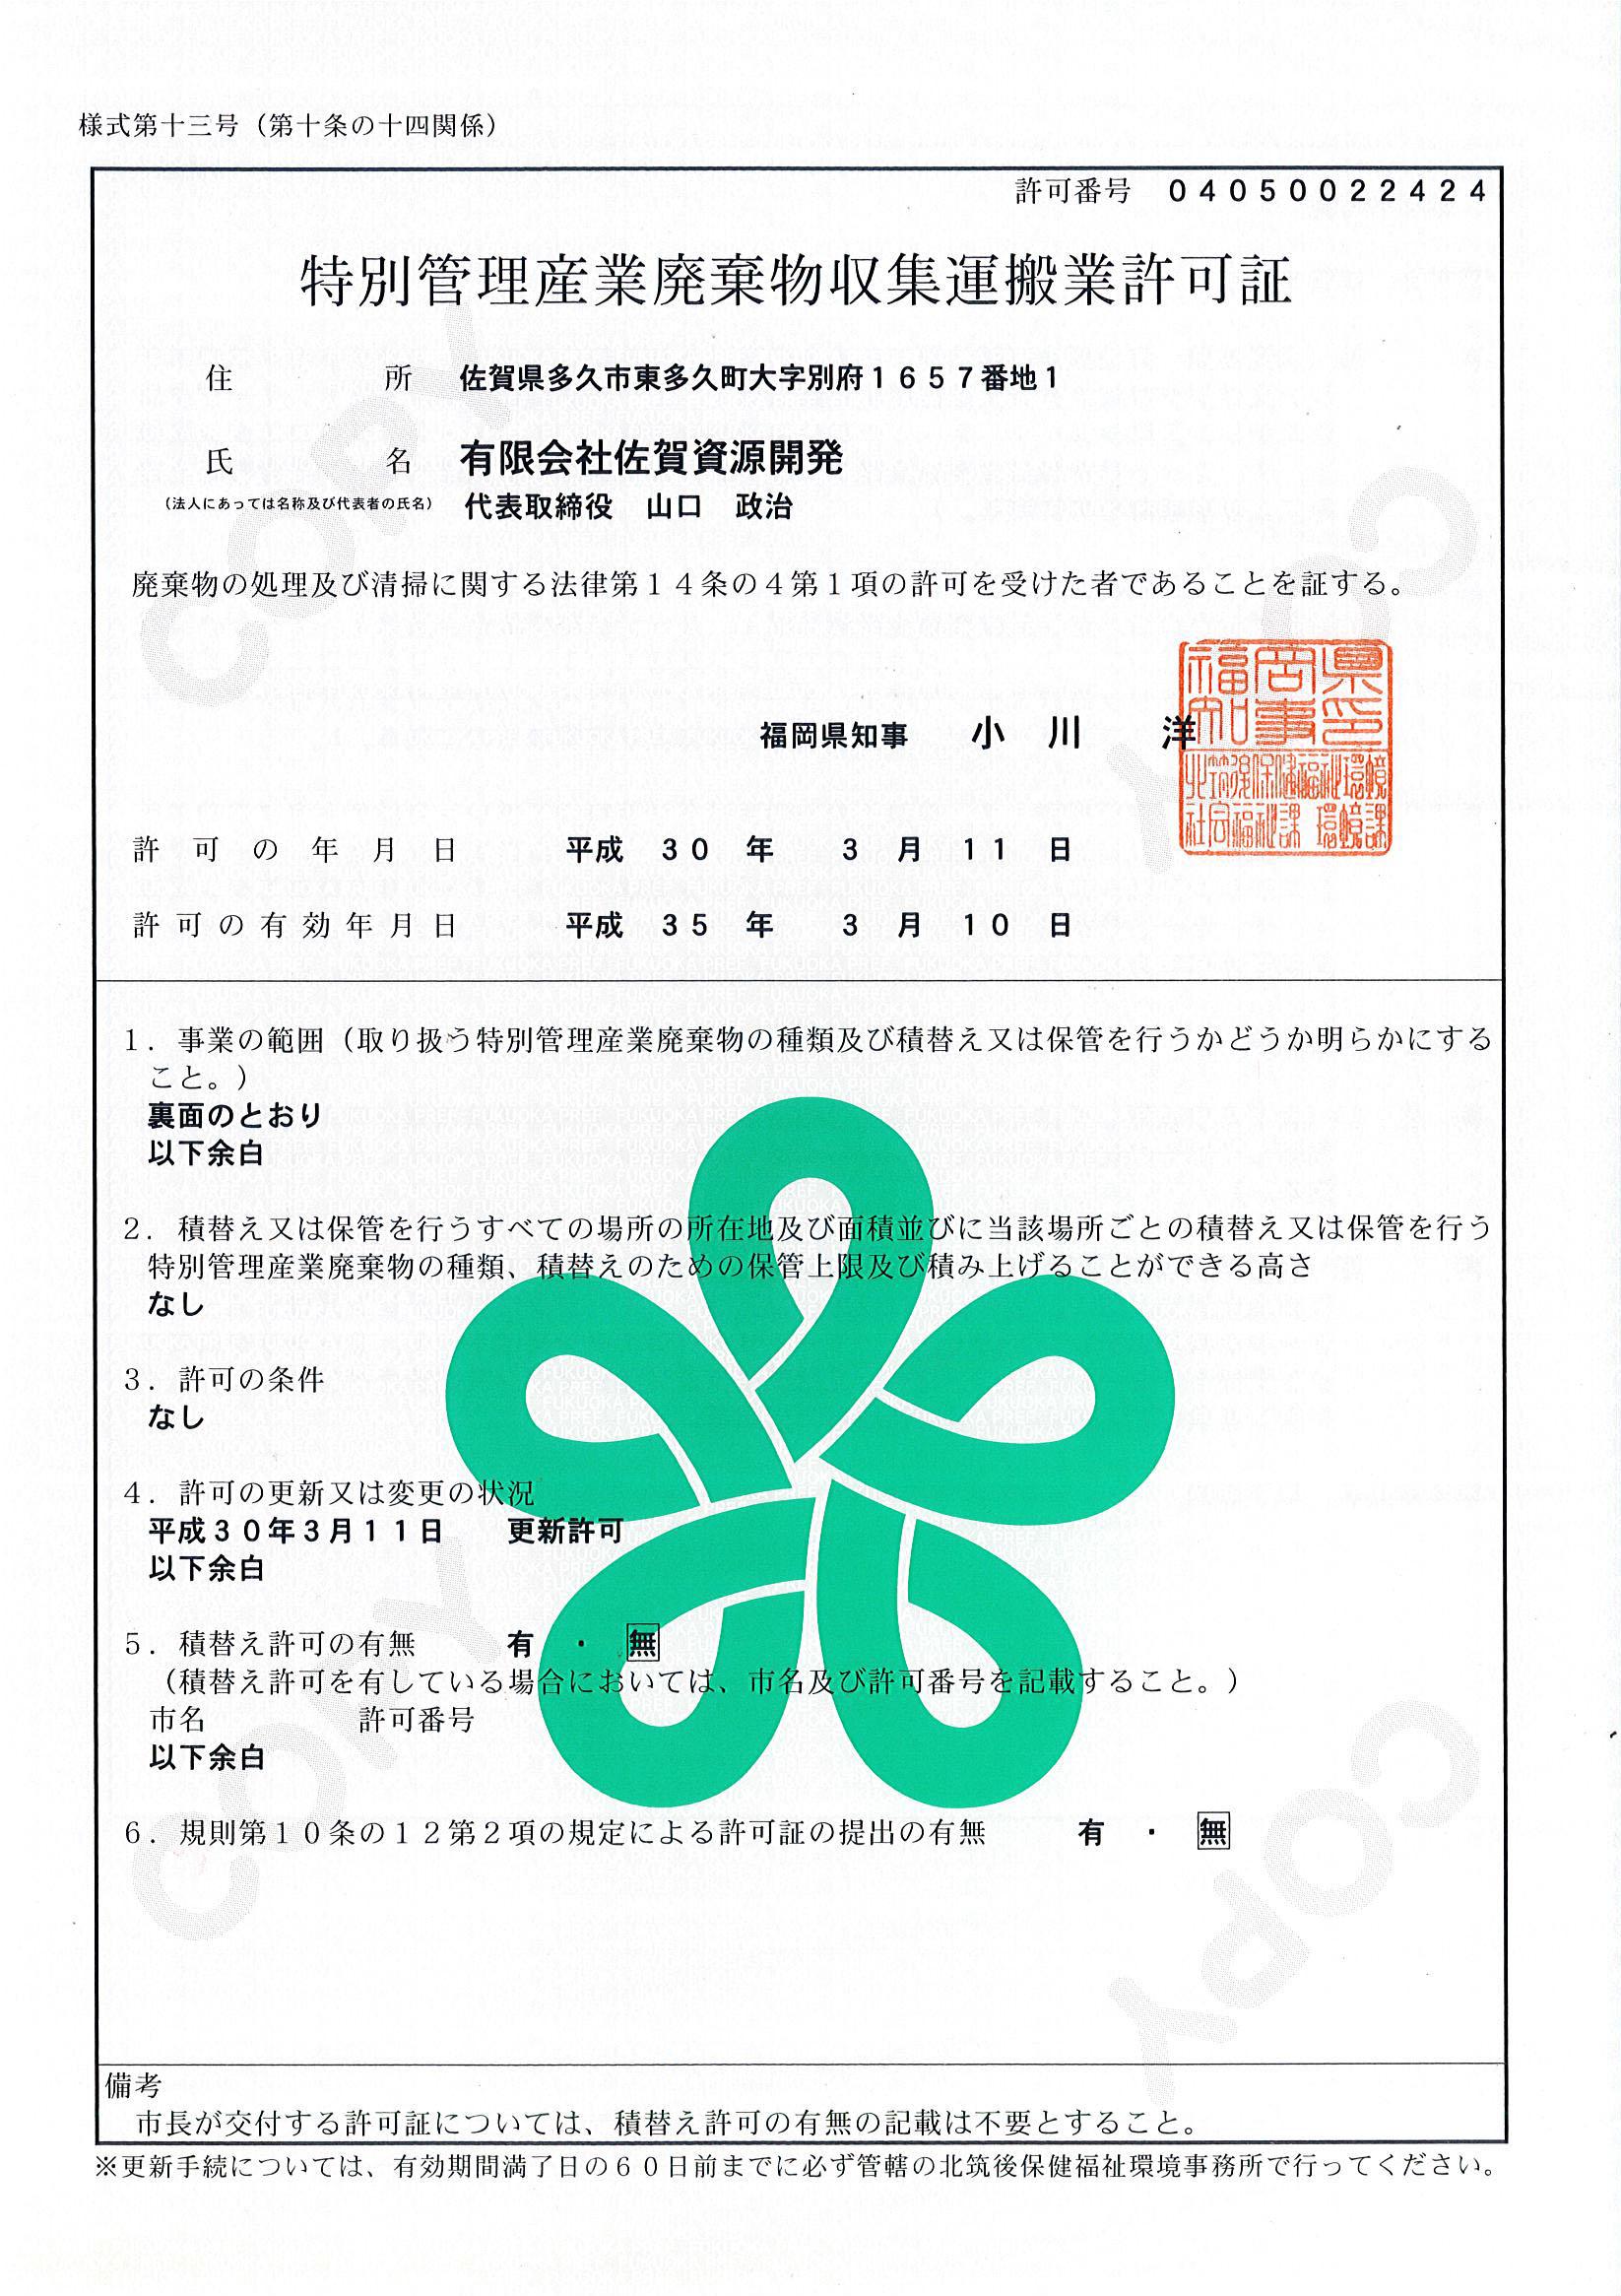 福岡県_特別管理産業廃棄物収集運搬業許可証